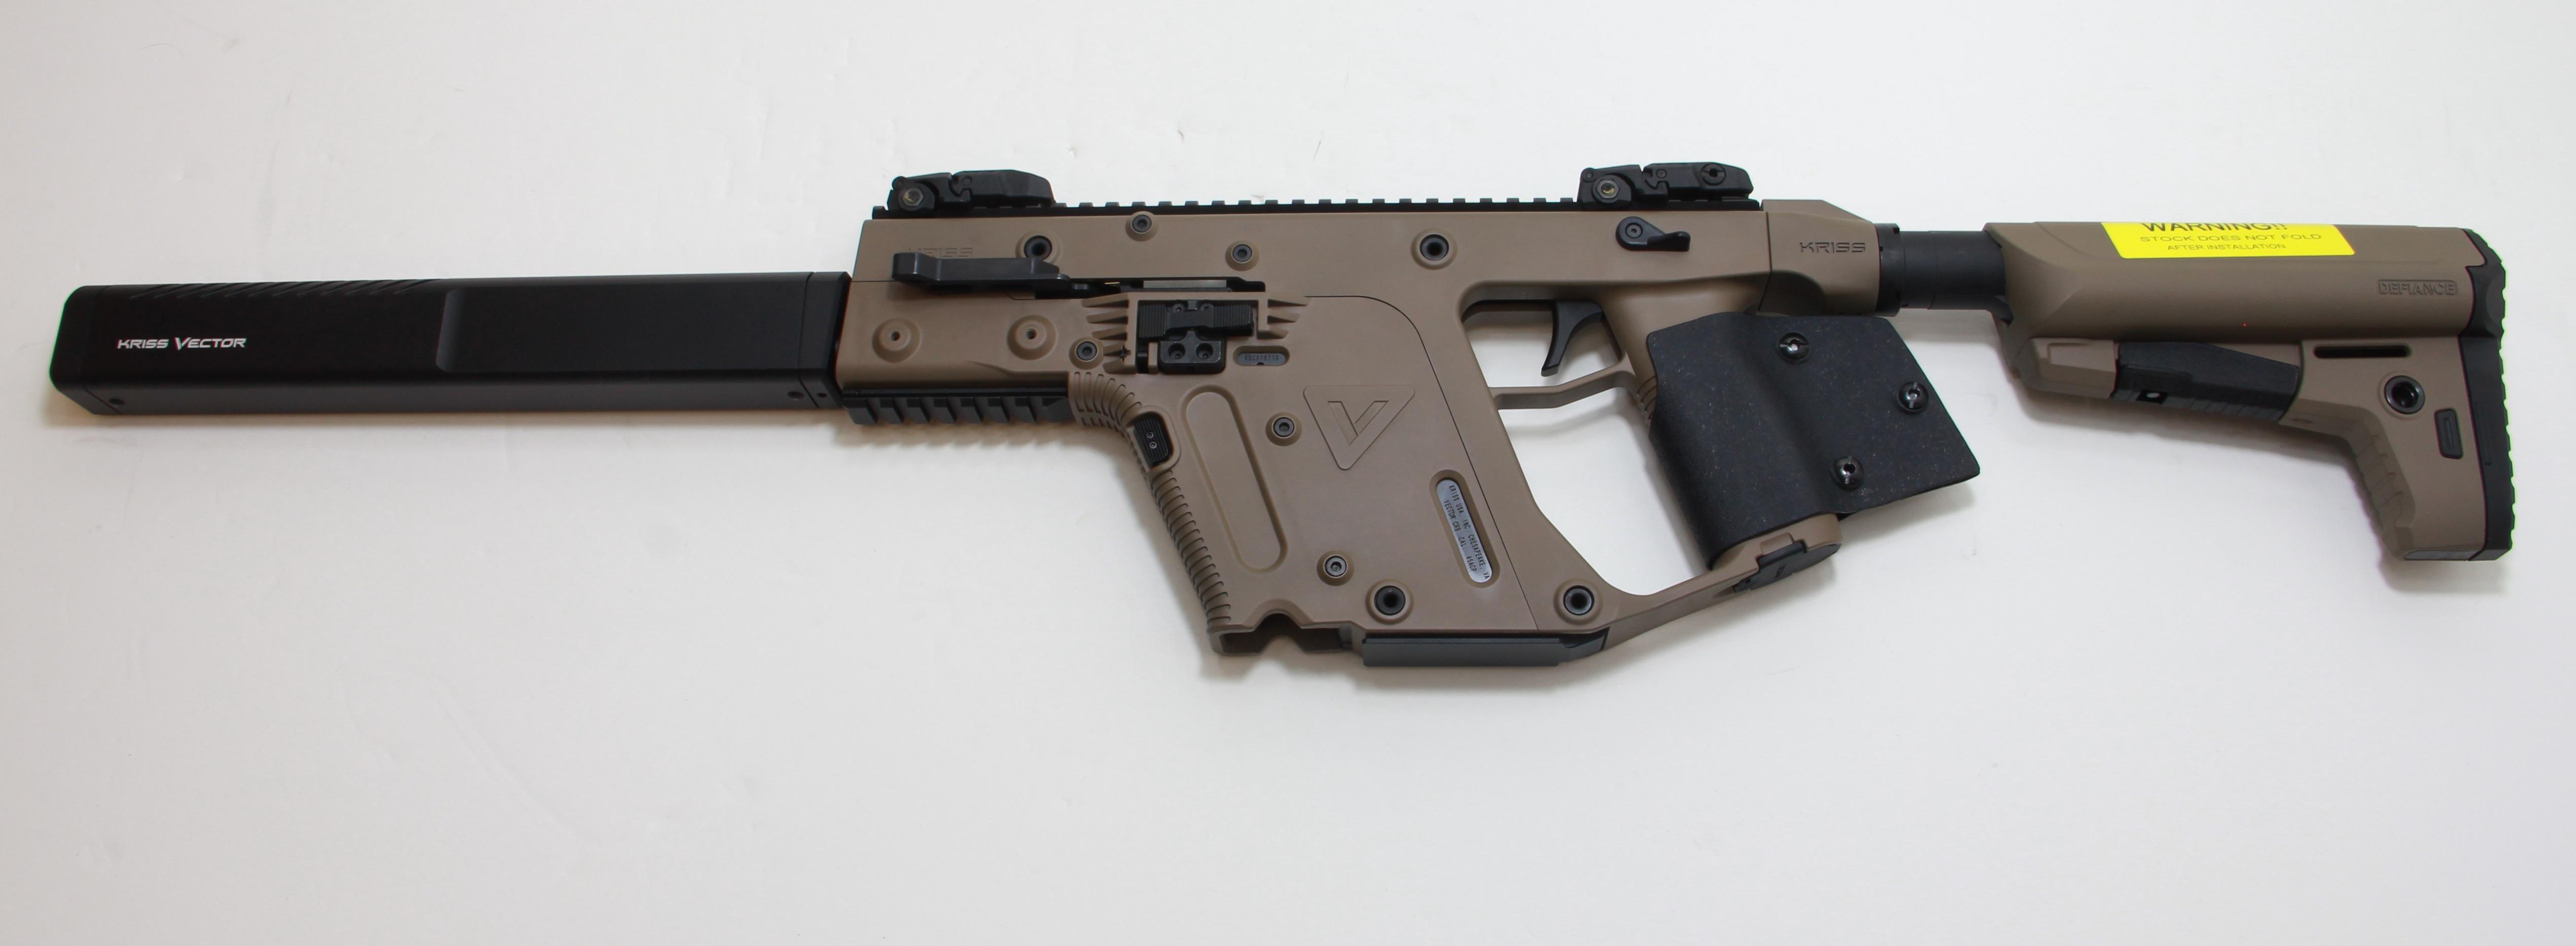 5081x1865 Kriss Vector Crb Gen 2 9mm Fde